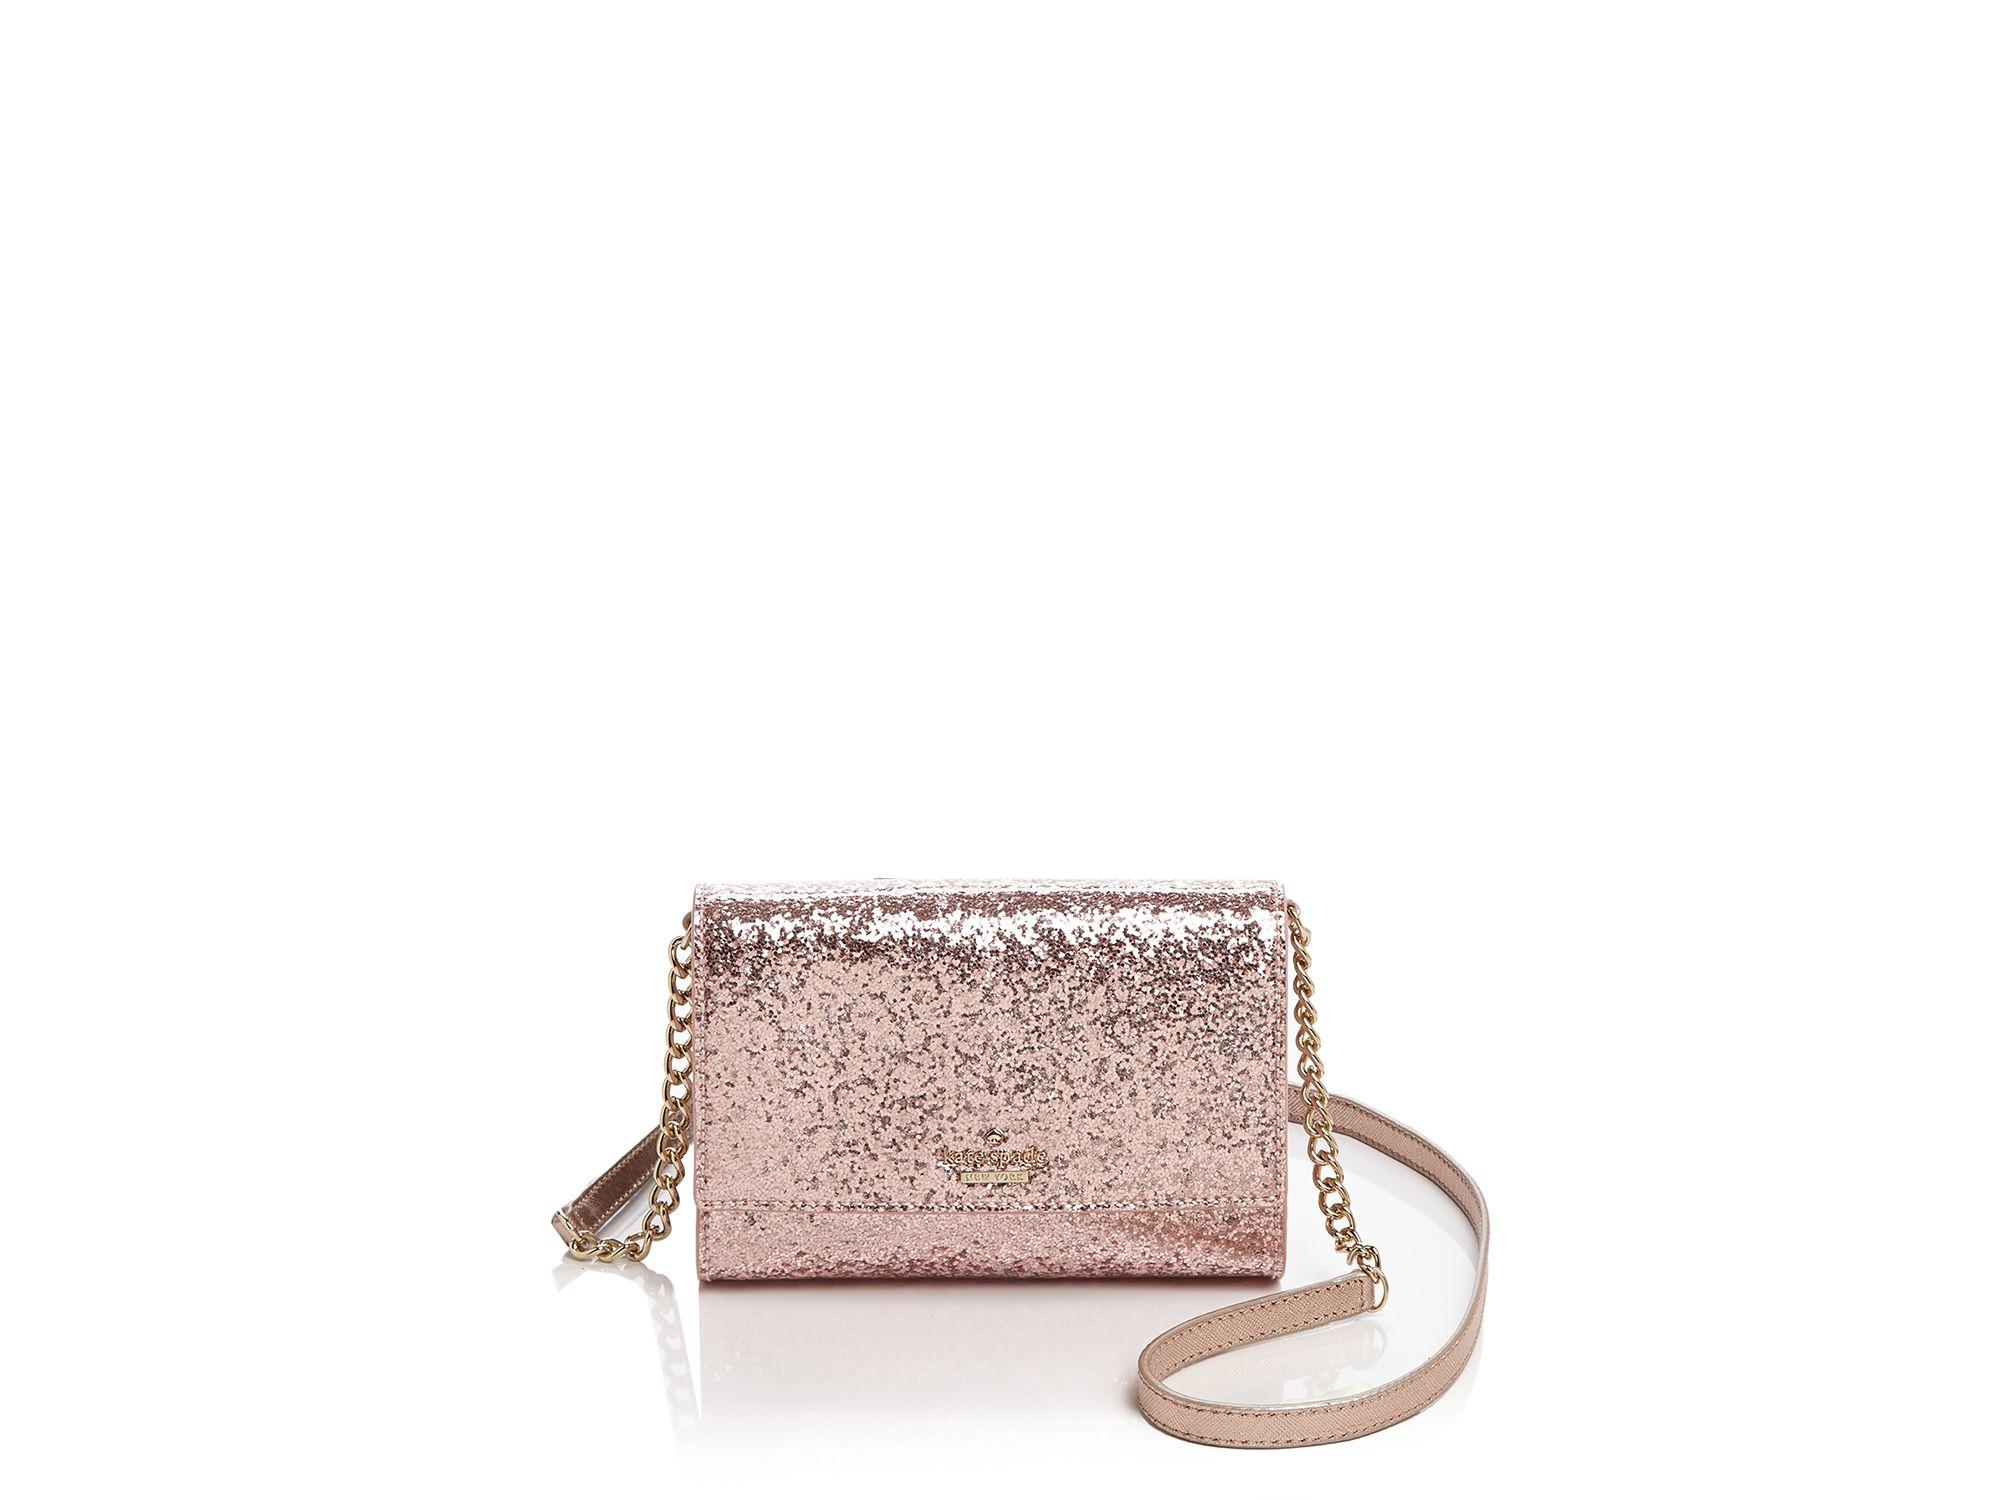 824bbfd2a Kate Spade Glitter Bug Cami Mini Bag in Pink - Lyst